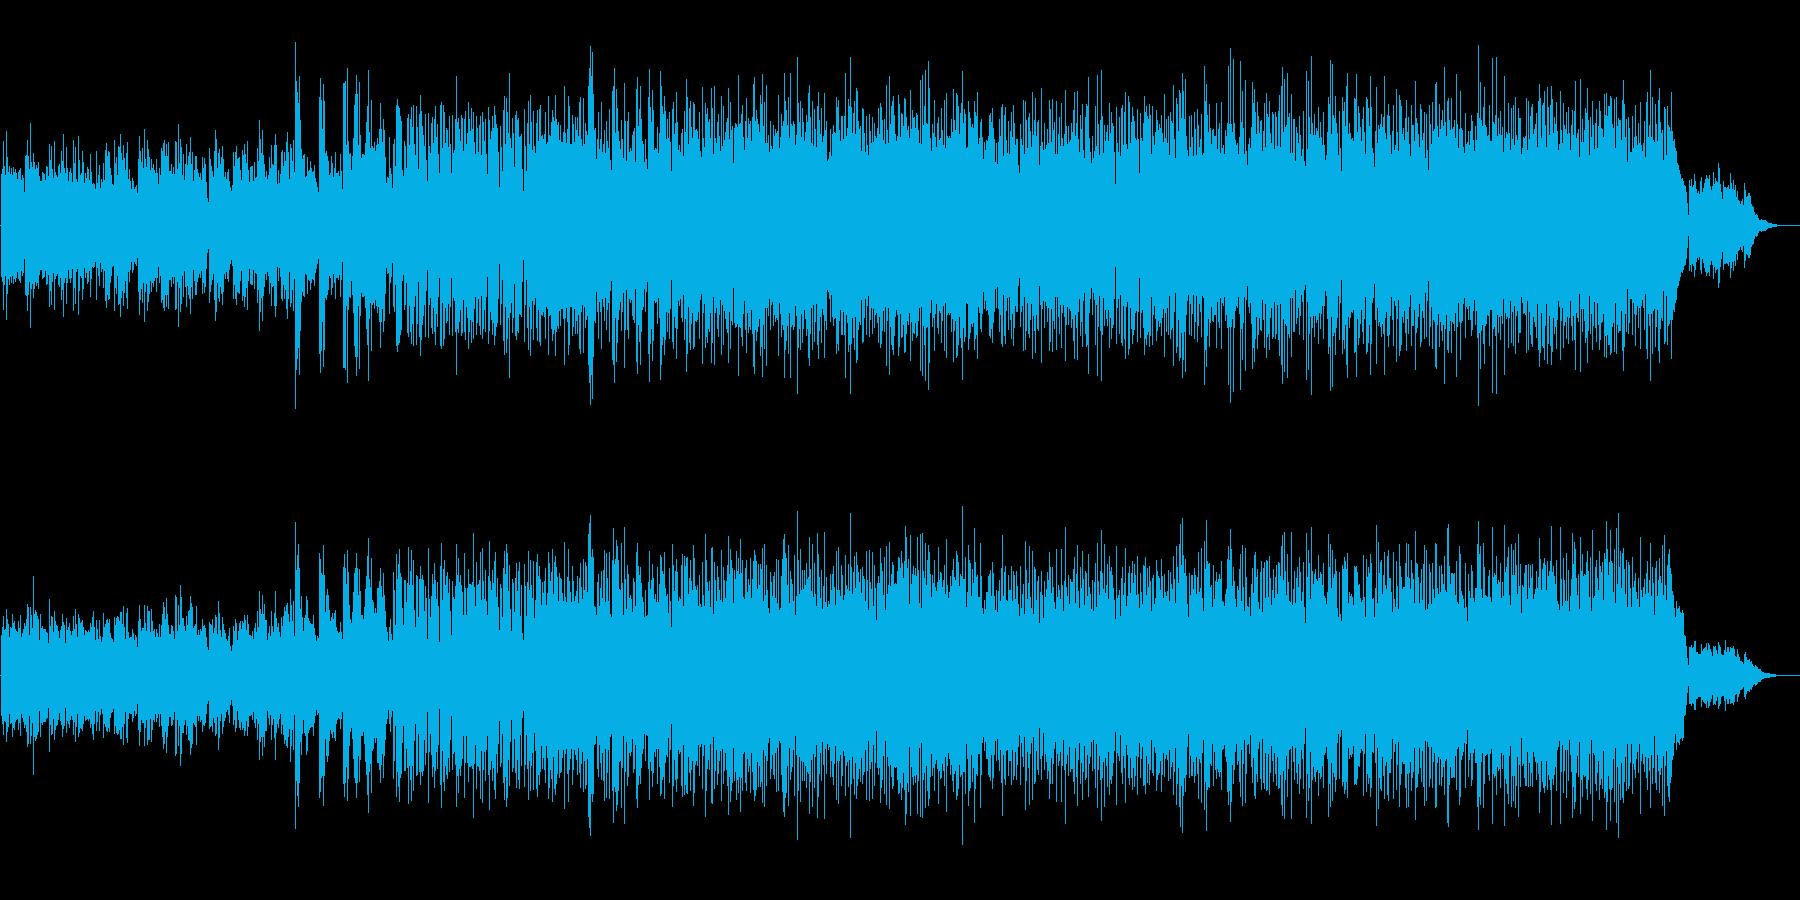 体の芯にまで染み込むラブ・バラードの再生済みの波形